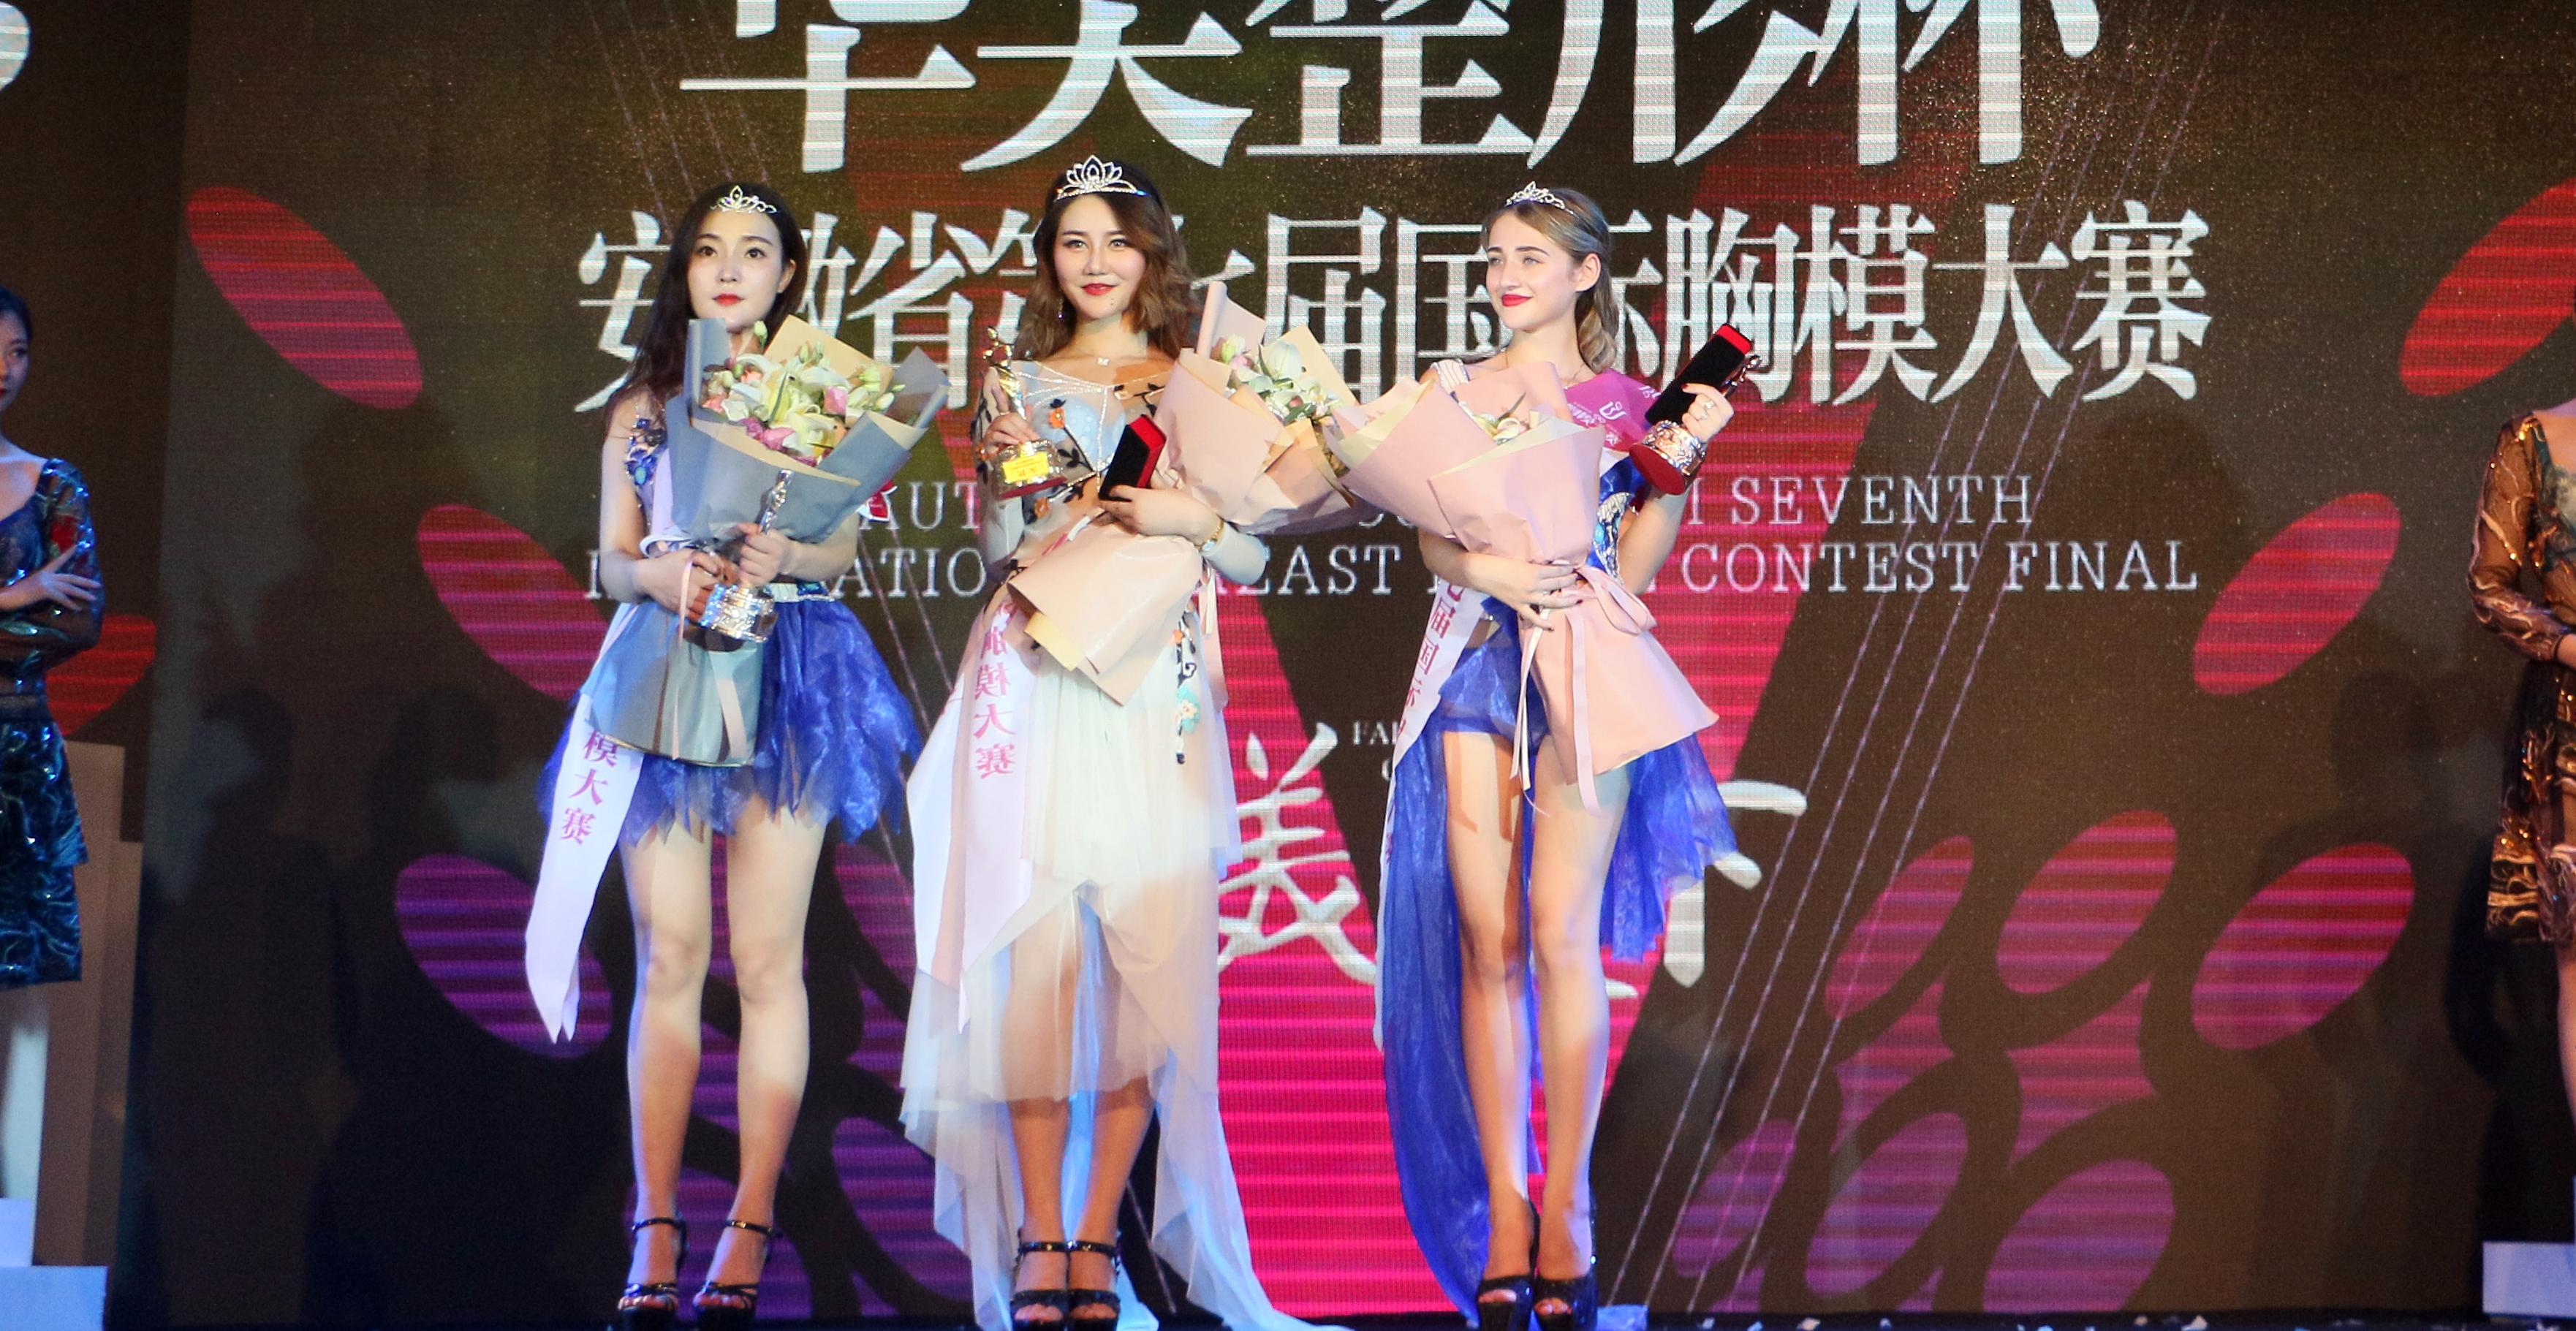 安徽省第七届国际胸模大赛冠军——【刘倩倩】